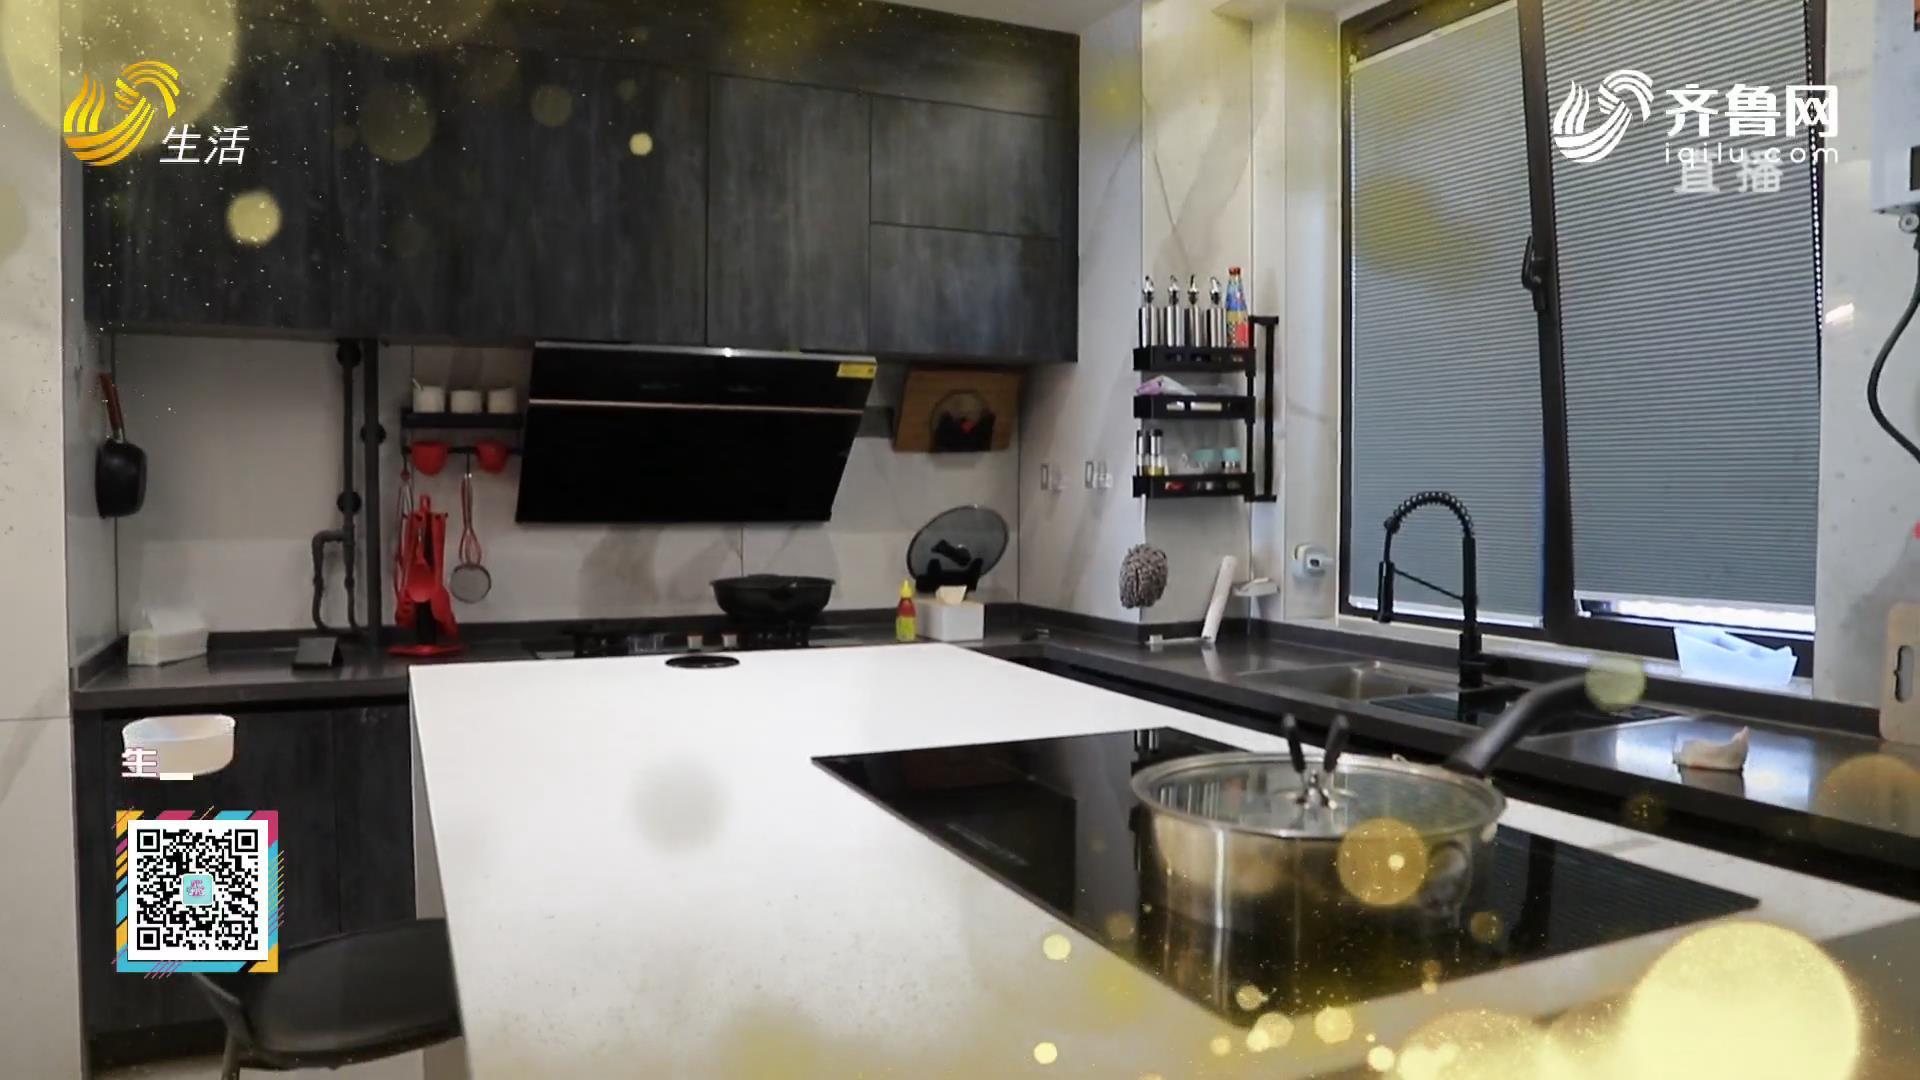 《美食达人的厨房装修(一)》